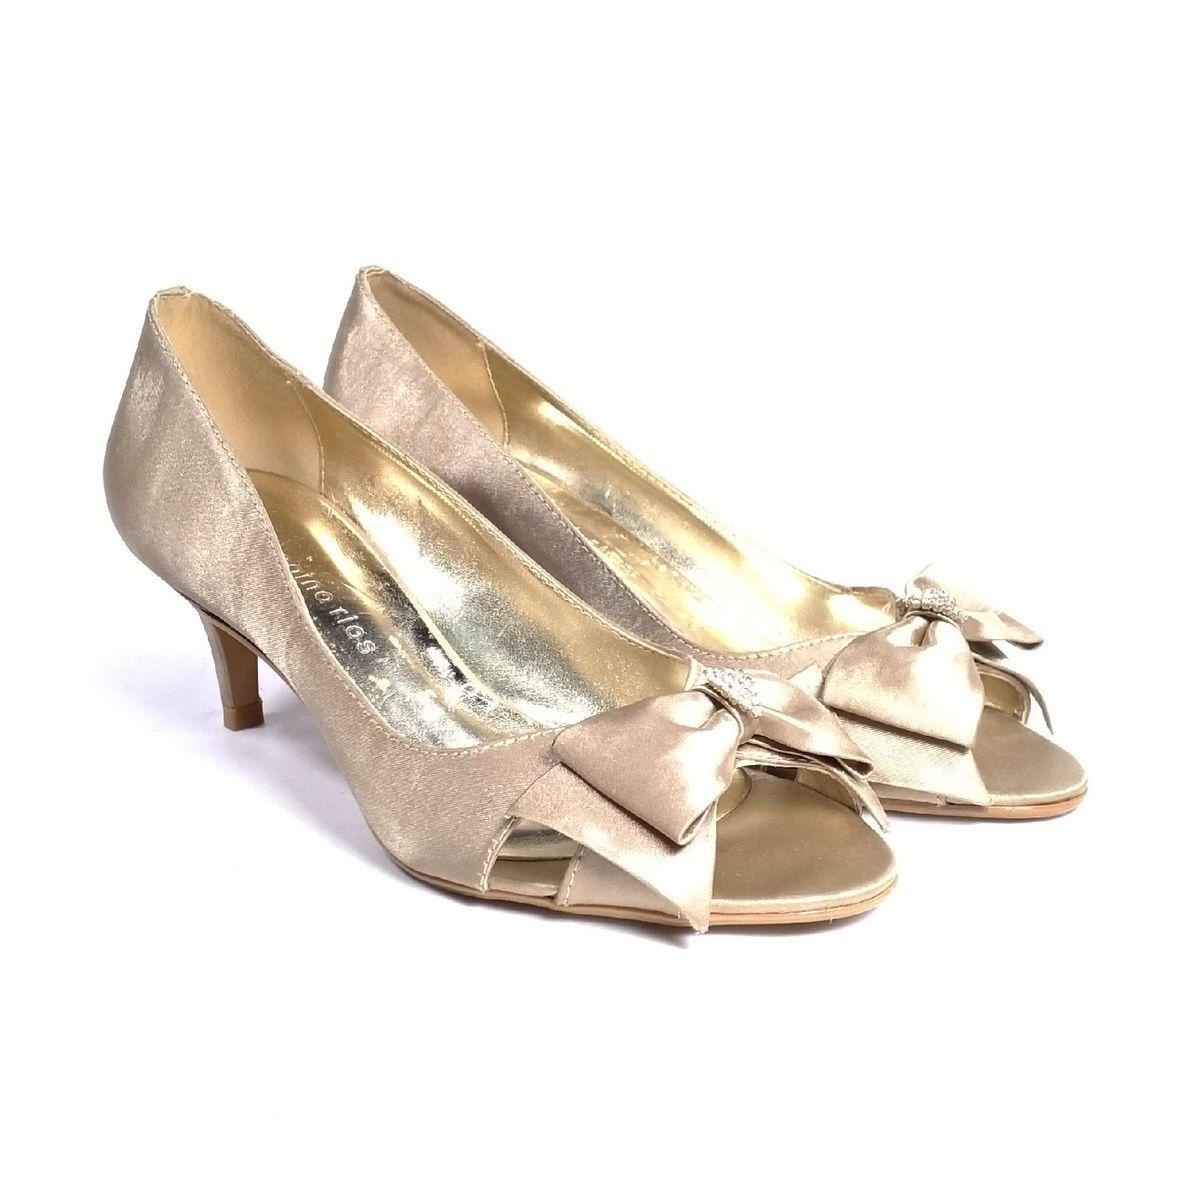 03a62e5d1 Sapato Bege Laço | Sandália Feminina Regina Rios Usado 33688181 | enjoei